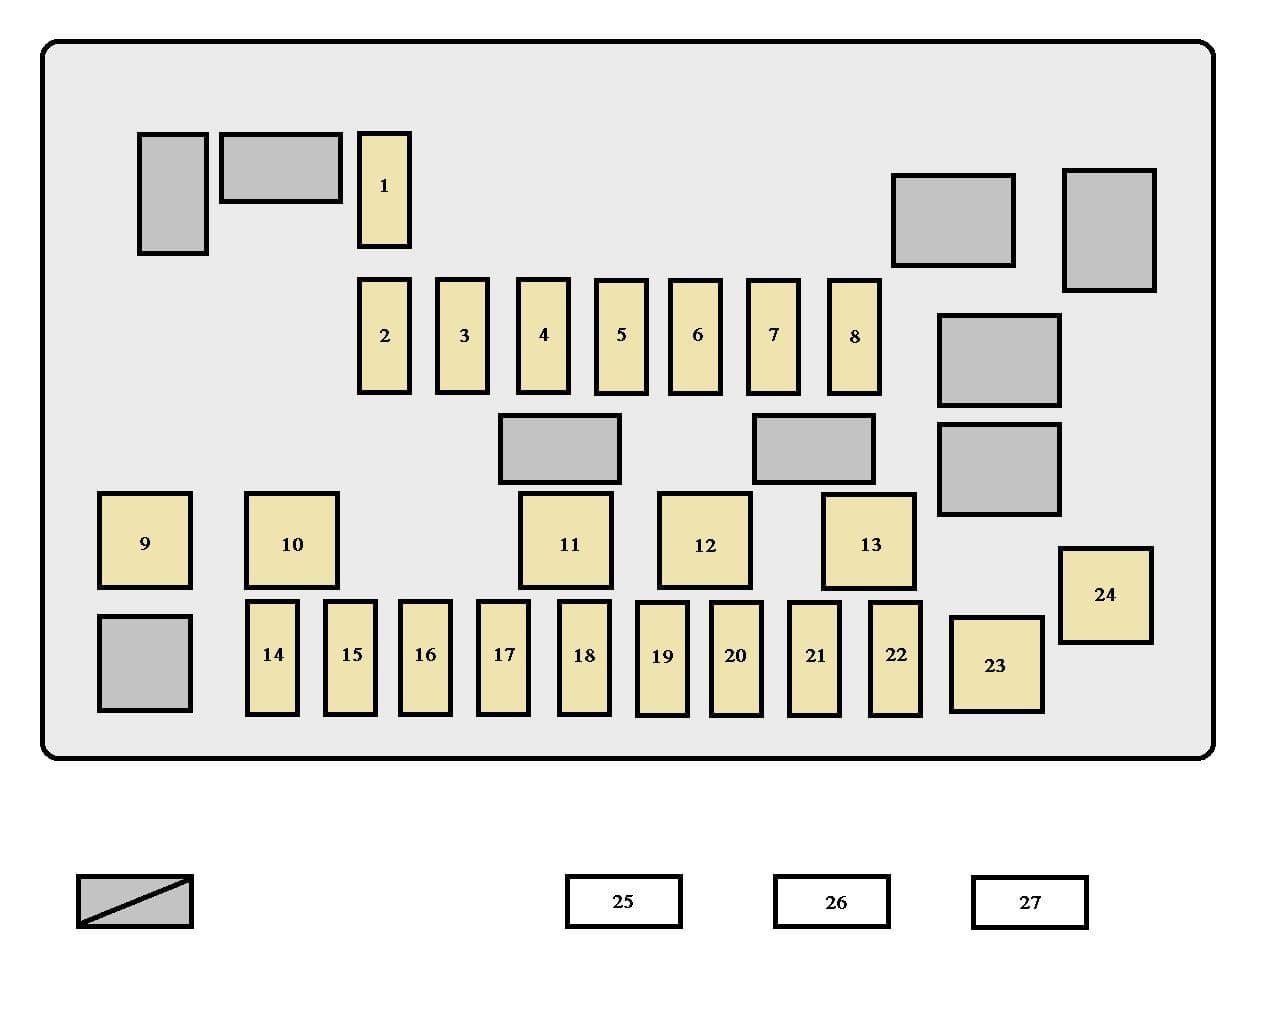 Scion tC mk1 - fuse box - engine compartment